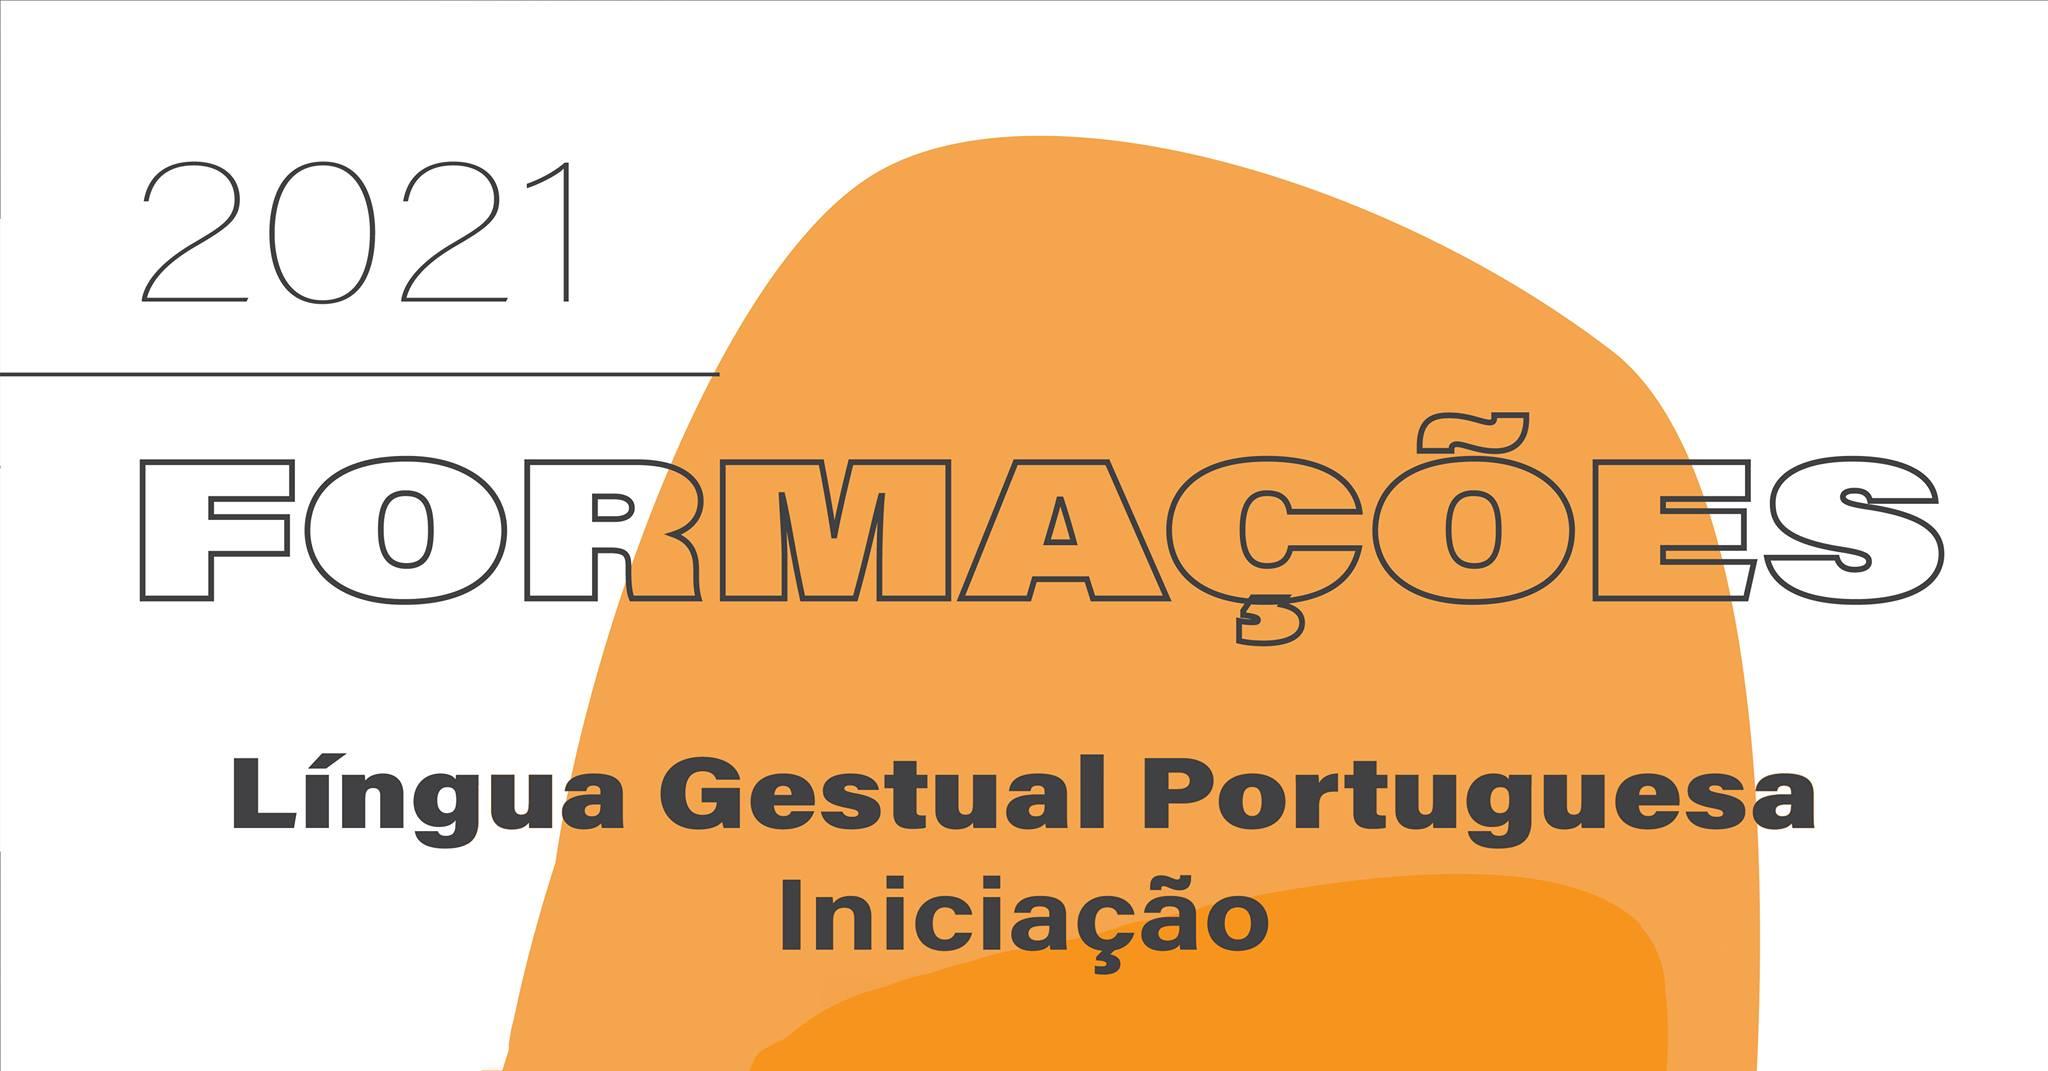 Formação: Língua Gestual Portuguesa - Iniciação